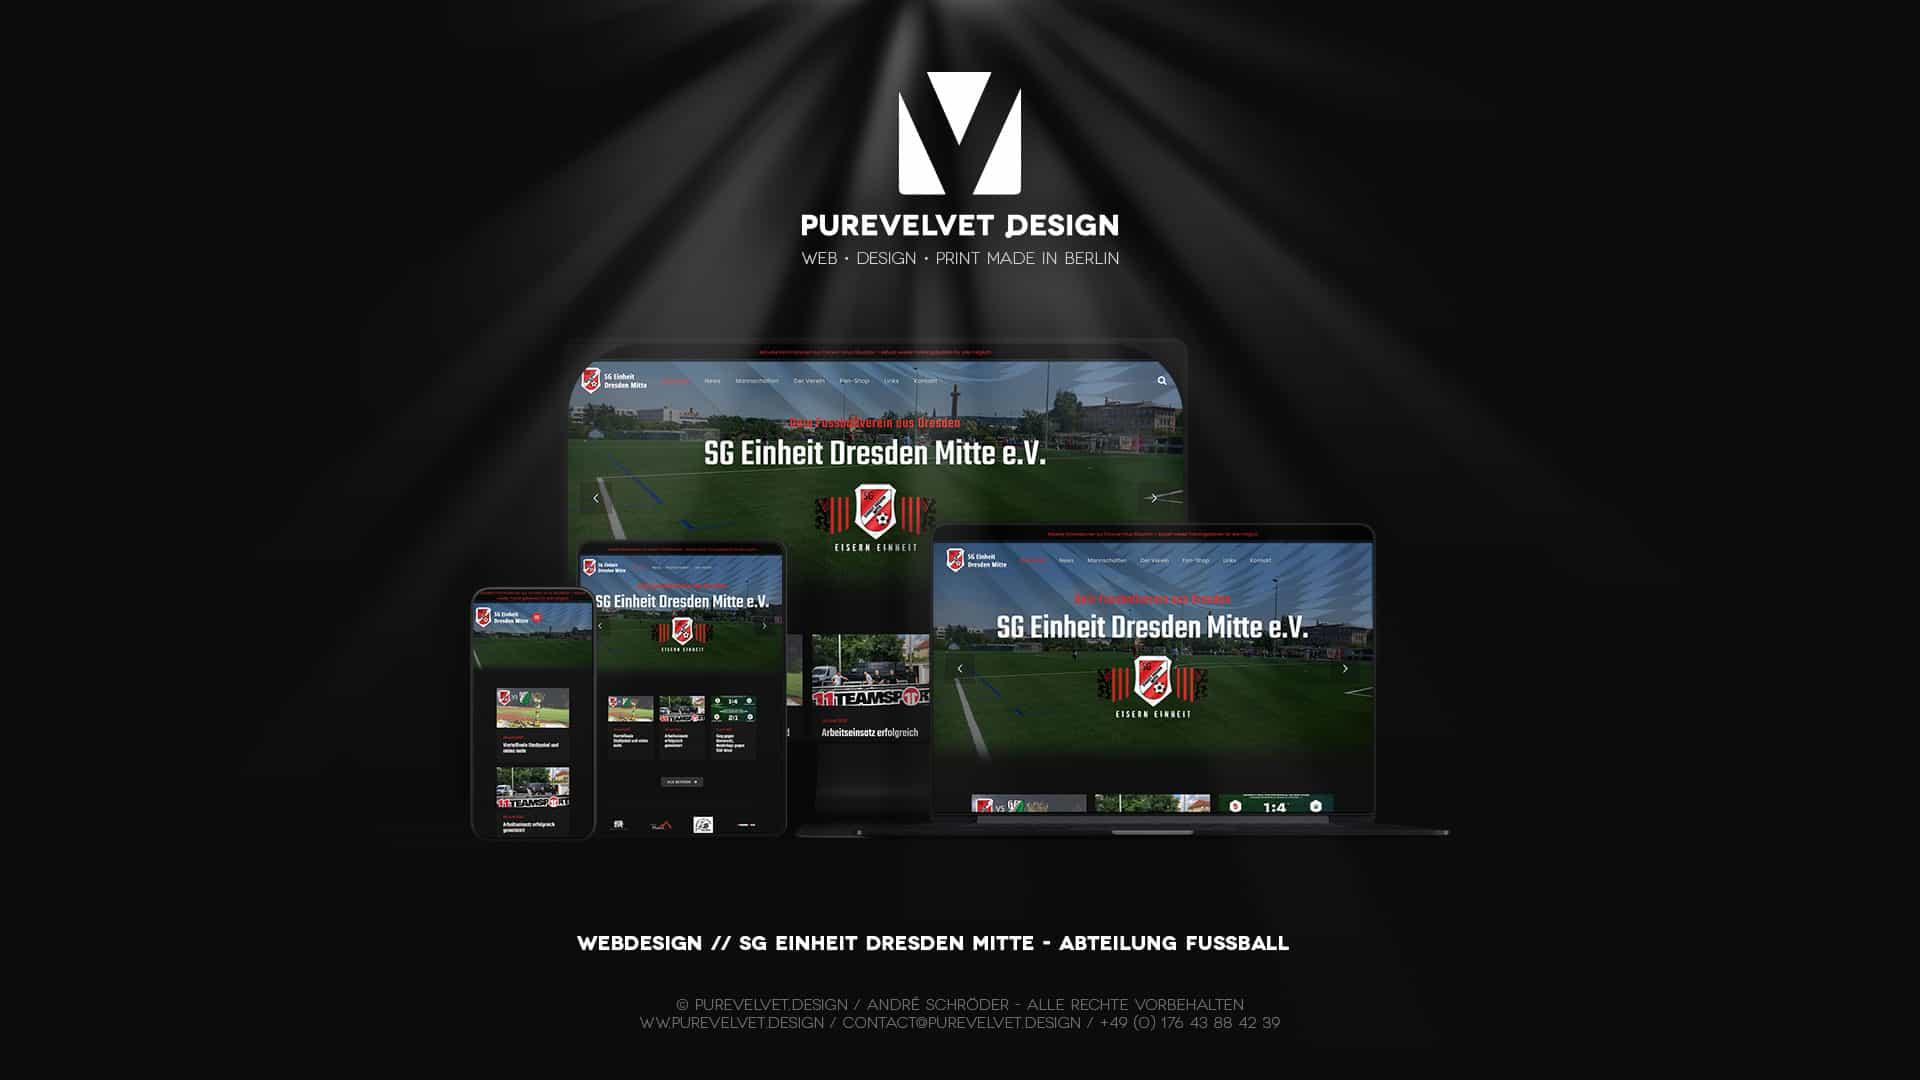 Webdesign Referenz - SG Einheit Dresden Mitte e.V. Fussballverein